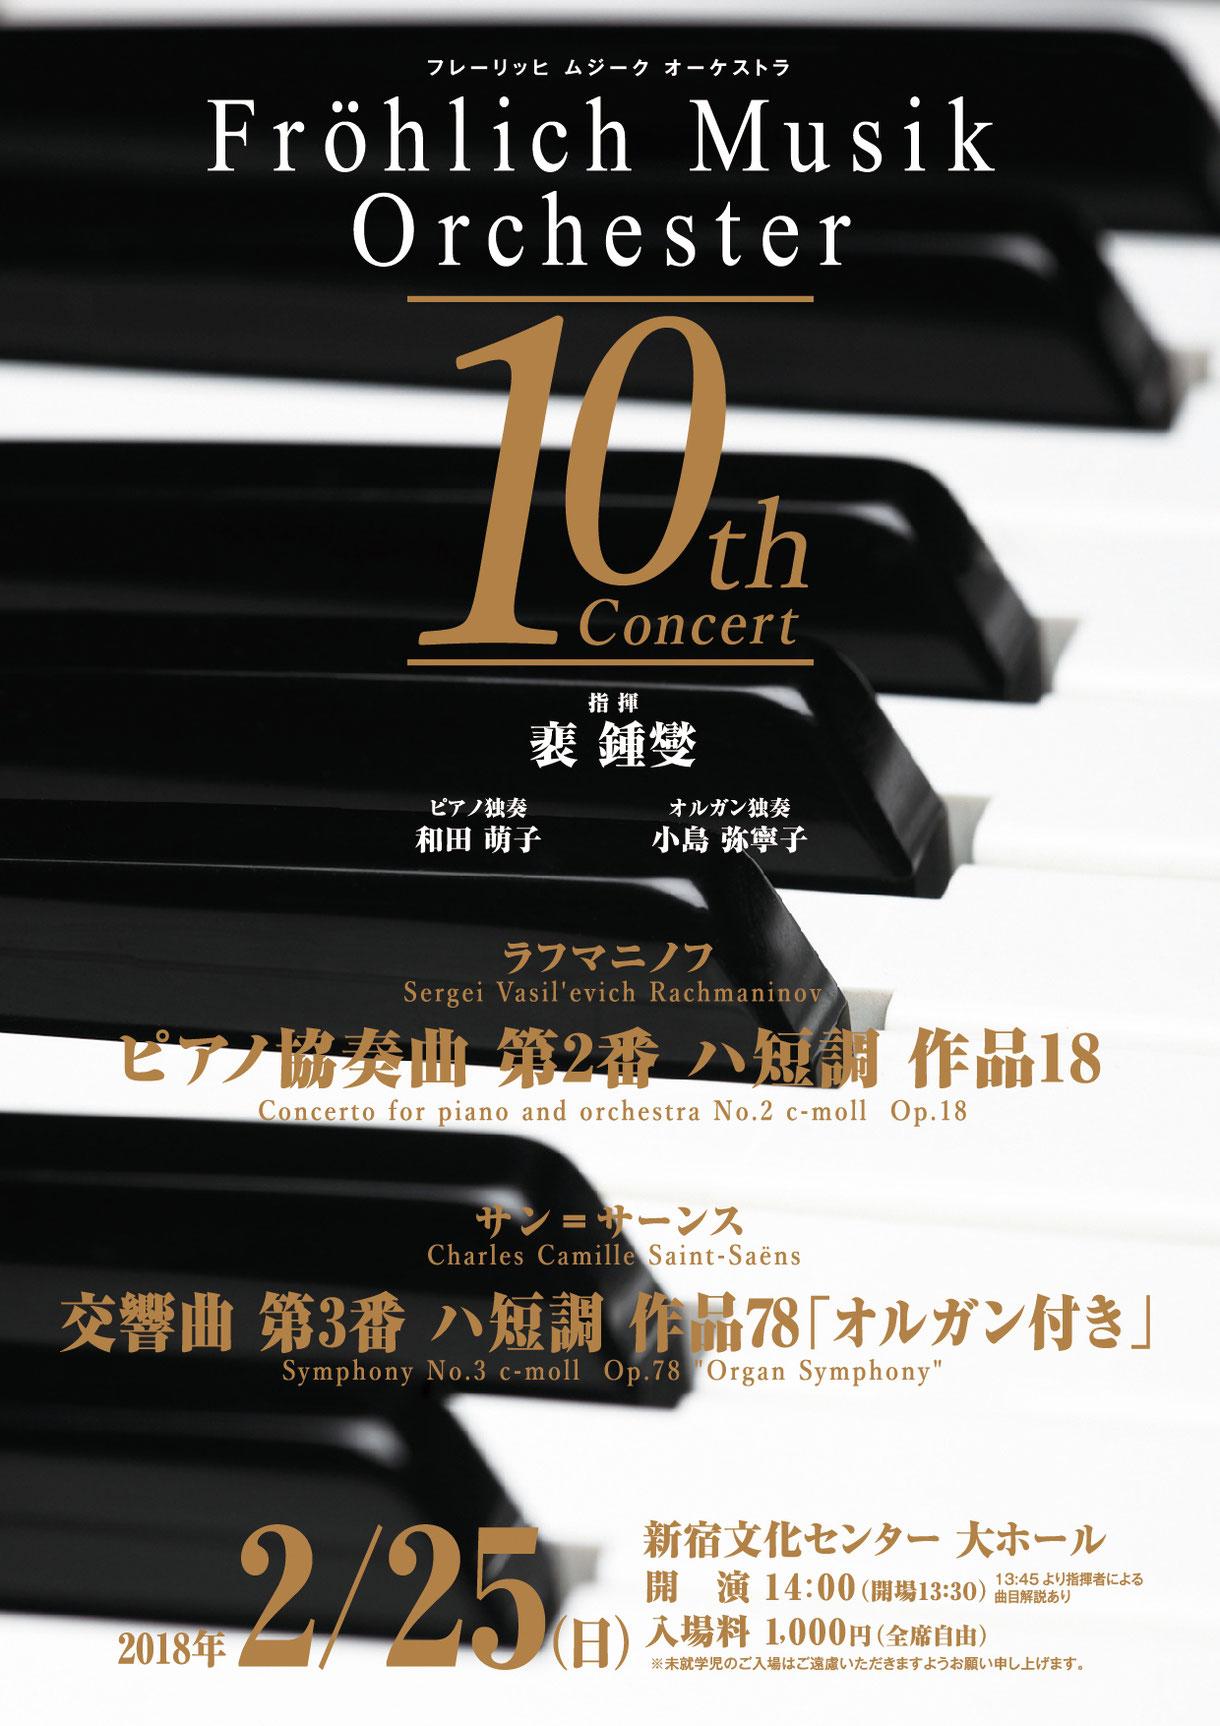 フレーリッヒムジークオーケストラ第10回定期演奏会